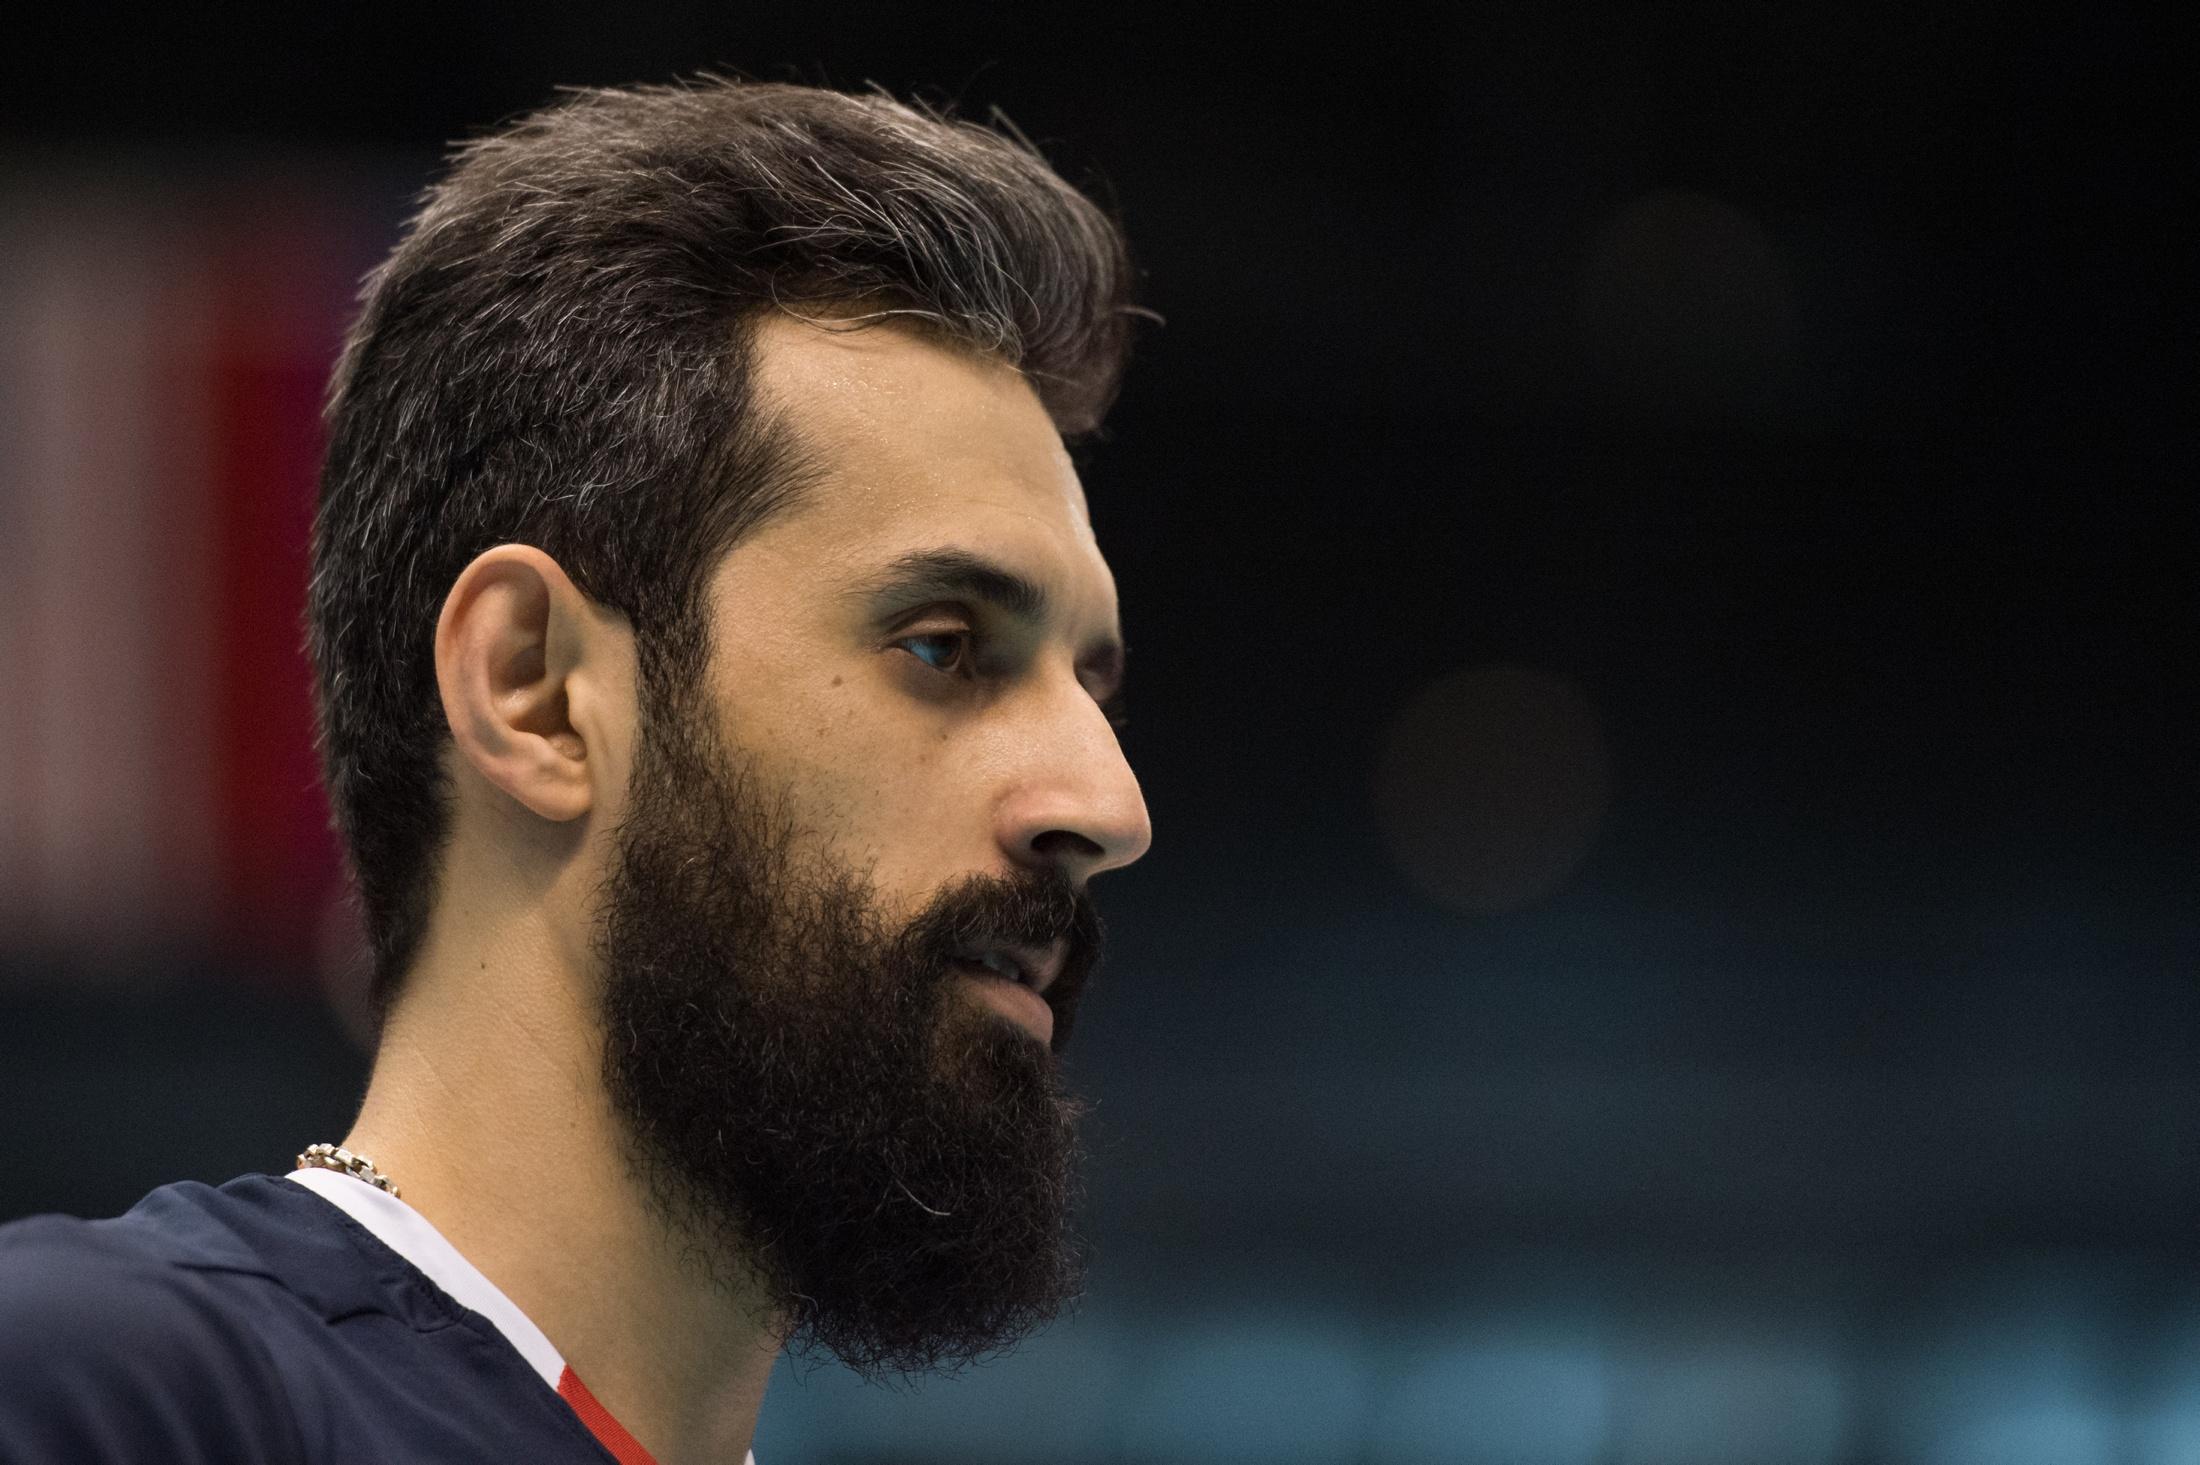 والیبال نشسته سعید معروف +عکس